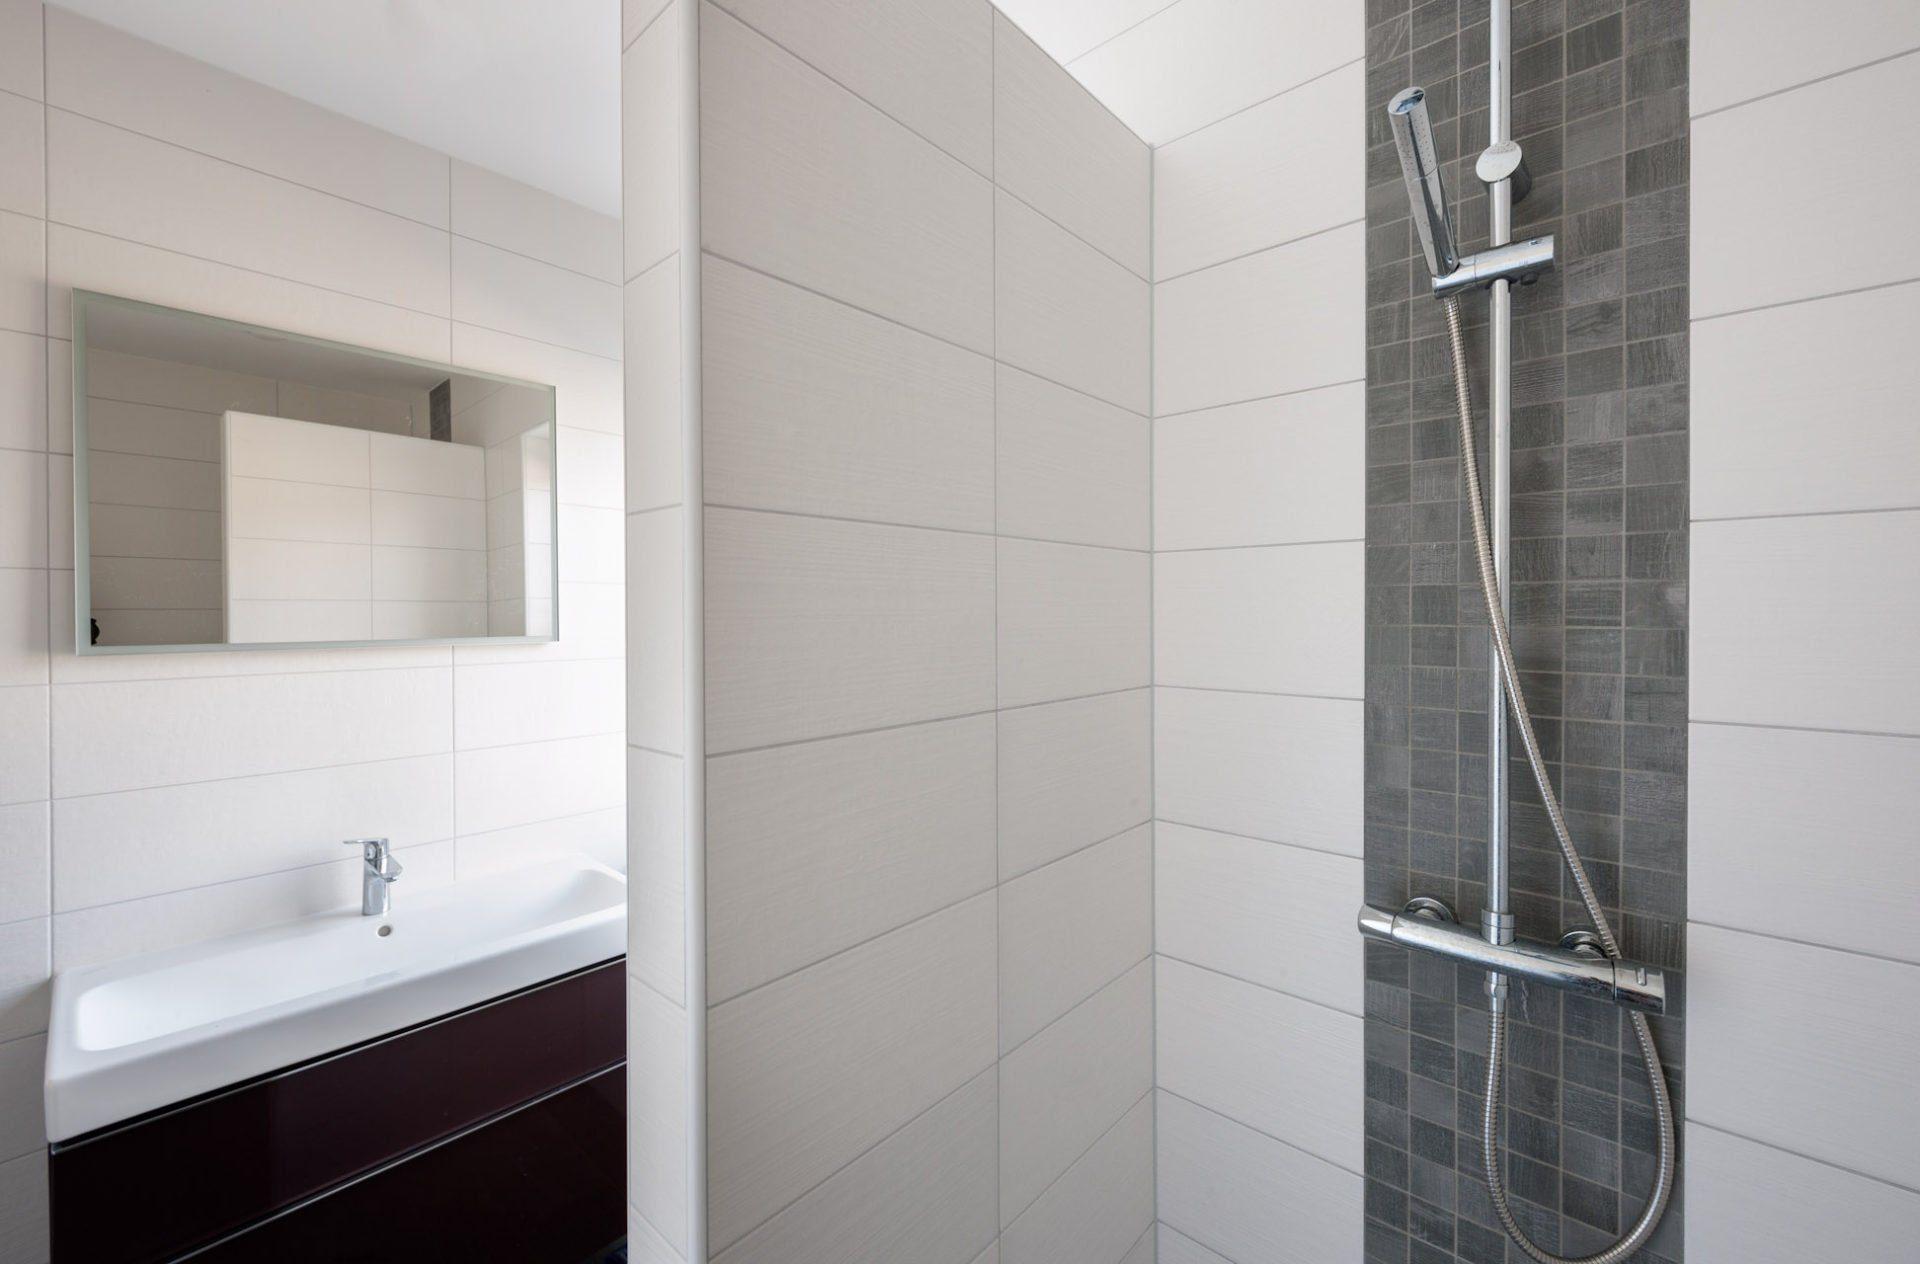 Houtlook tegels in woonkamer en mozaïek in toilet - KROON